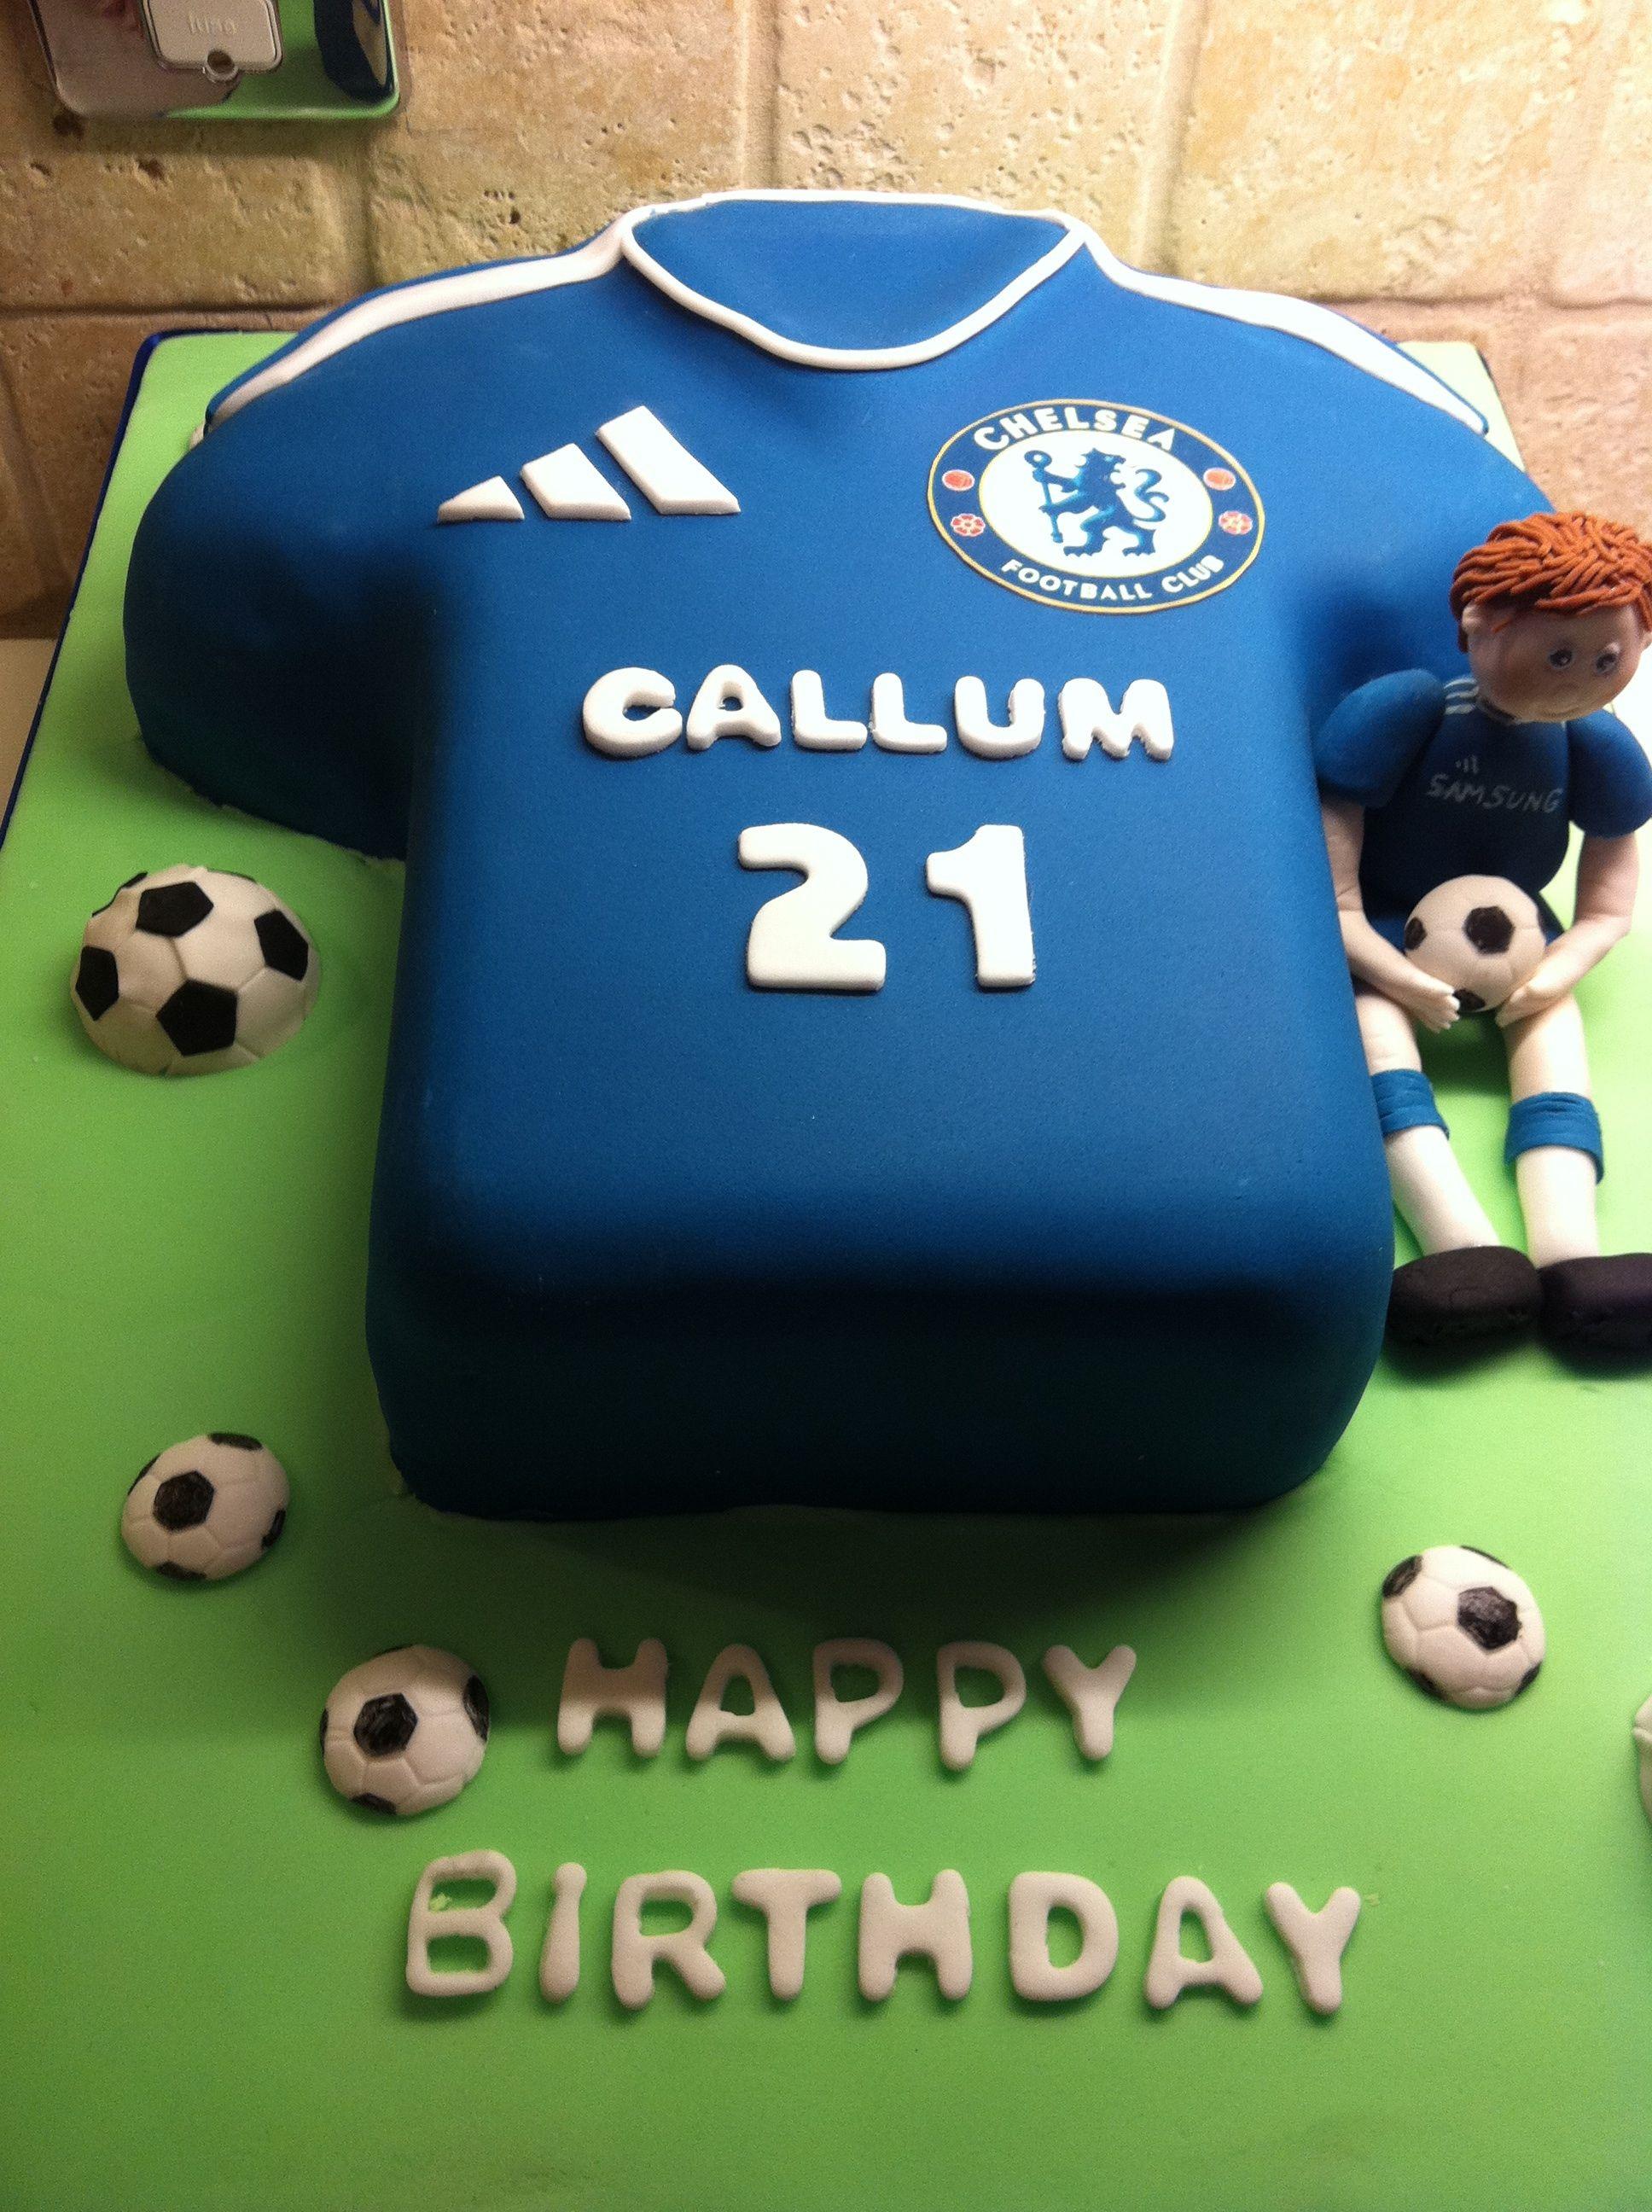 63295a857 Chelsea football cake